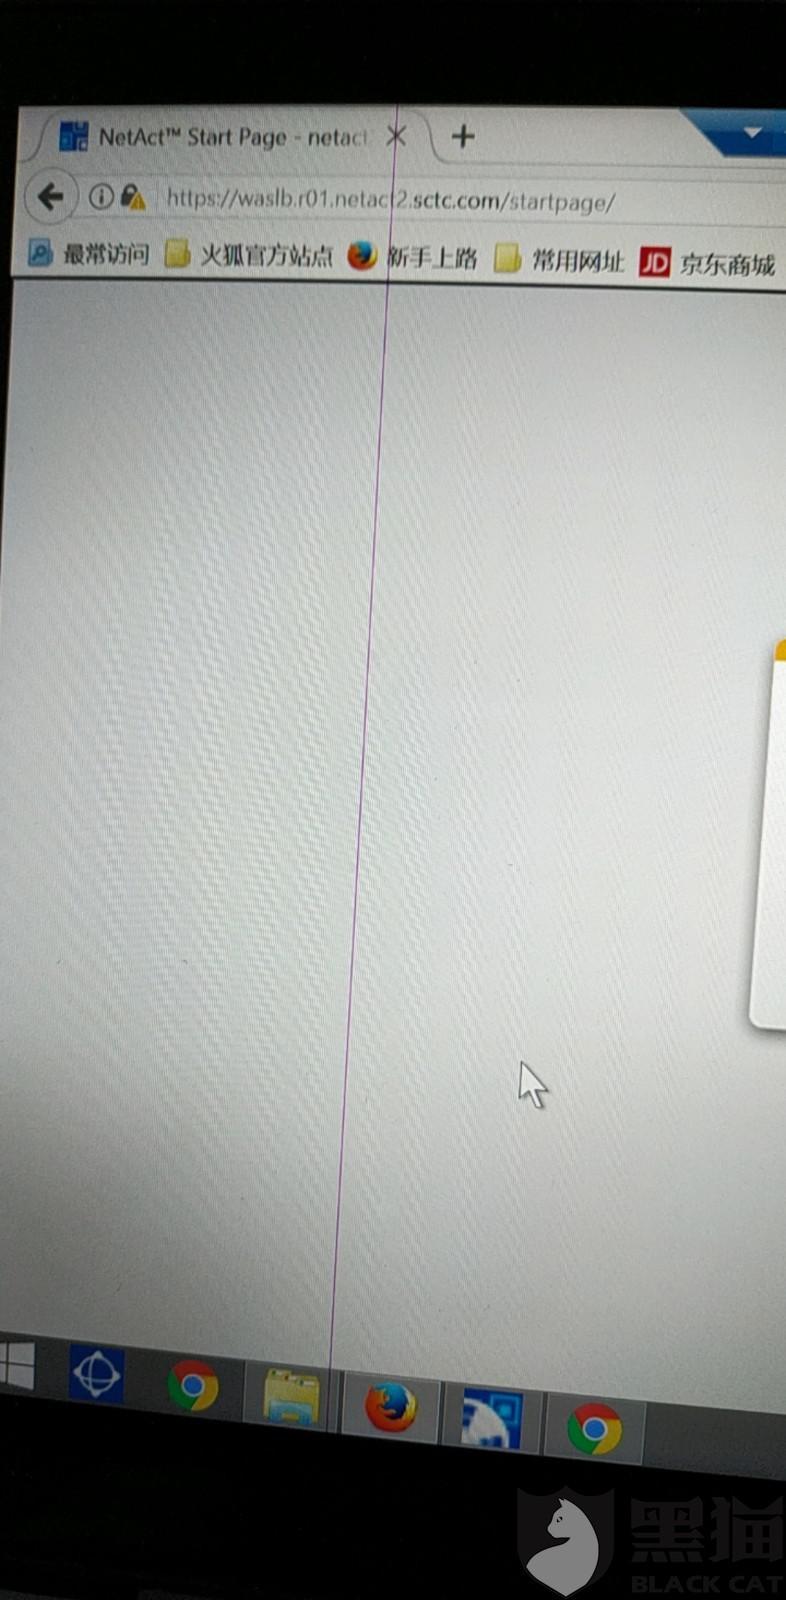 黑猫投诉:小米Air13.3笔记本屏幕出现竖线,屏幕有着严重的质量问题